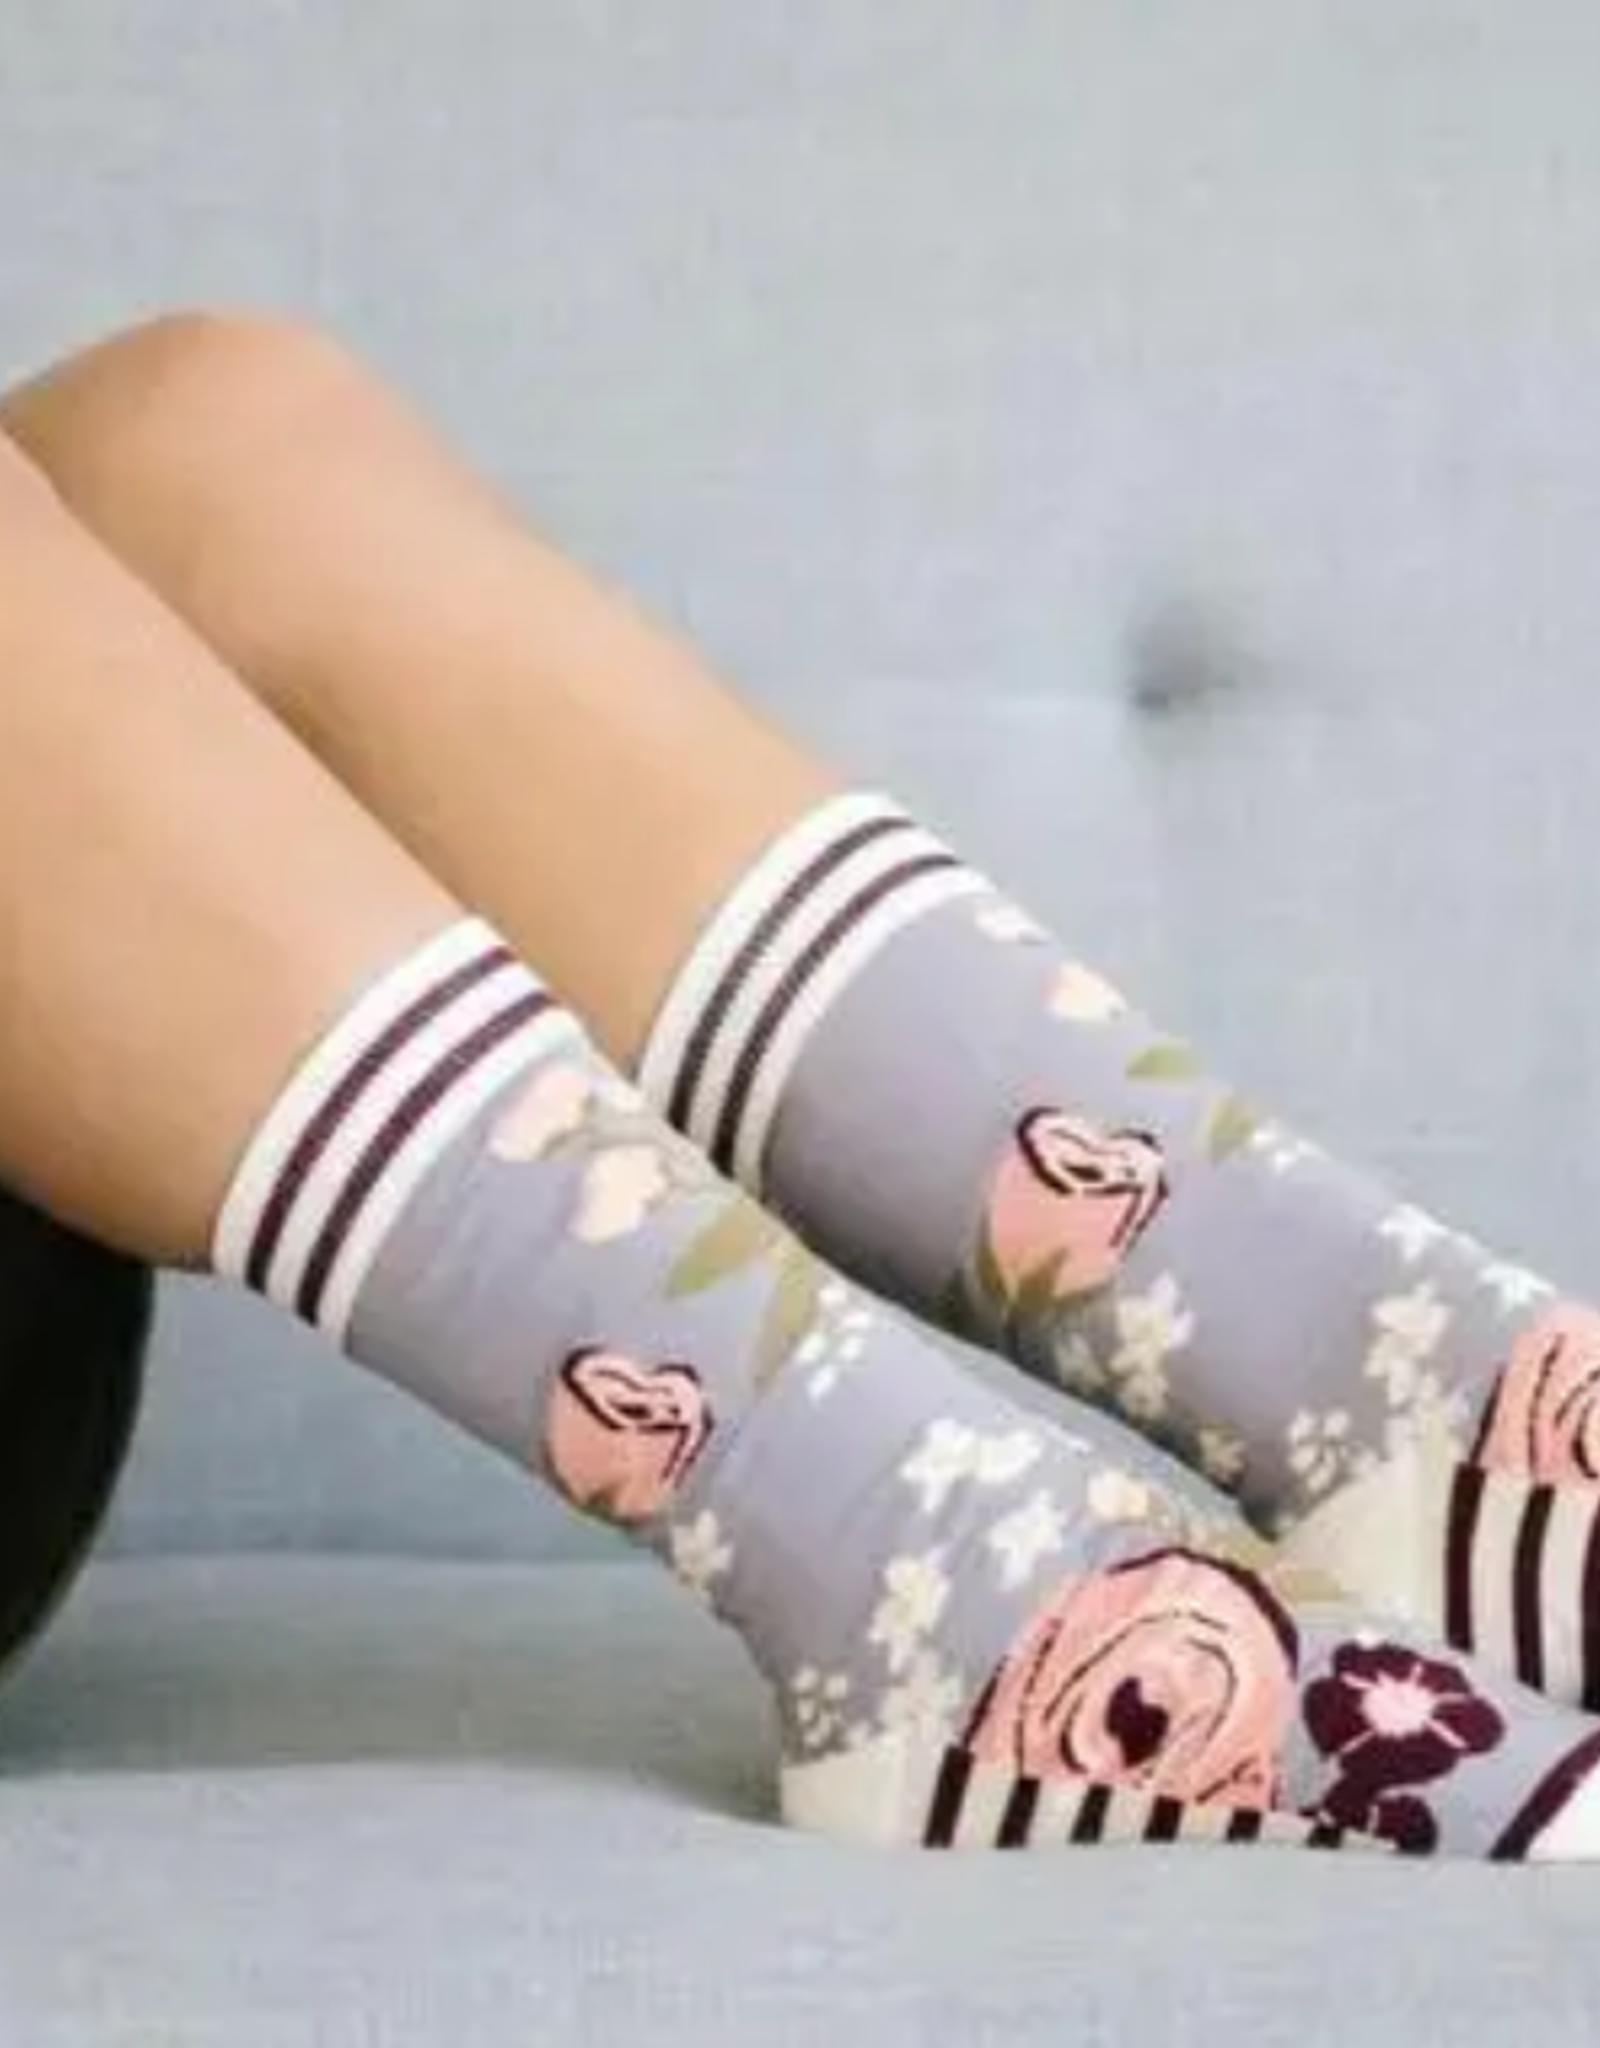 Briar Rose socks